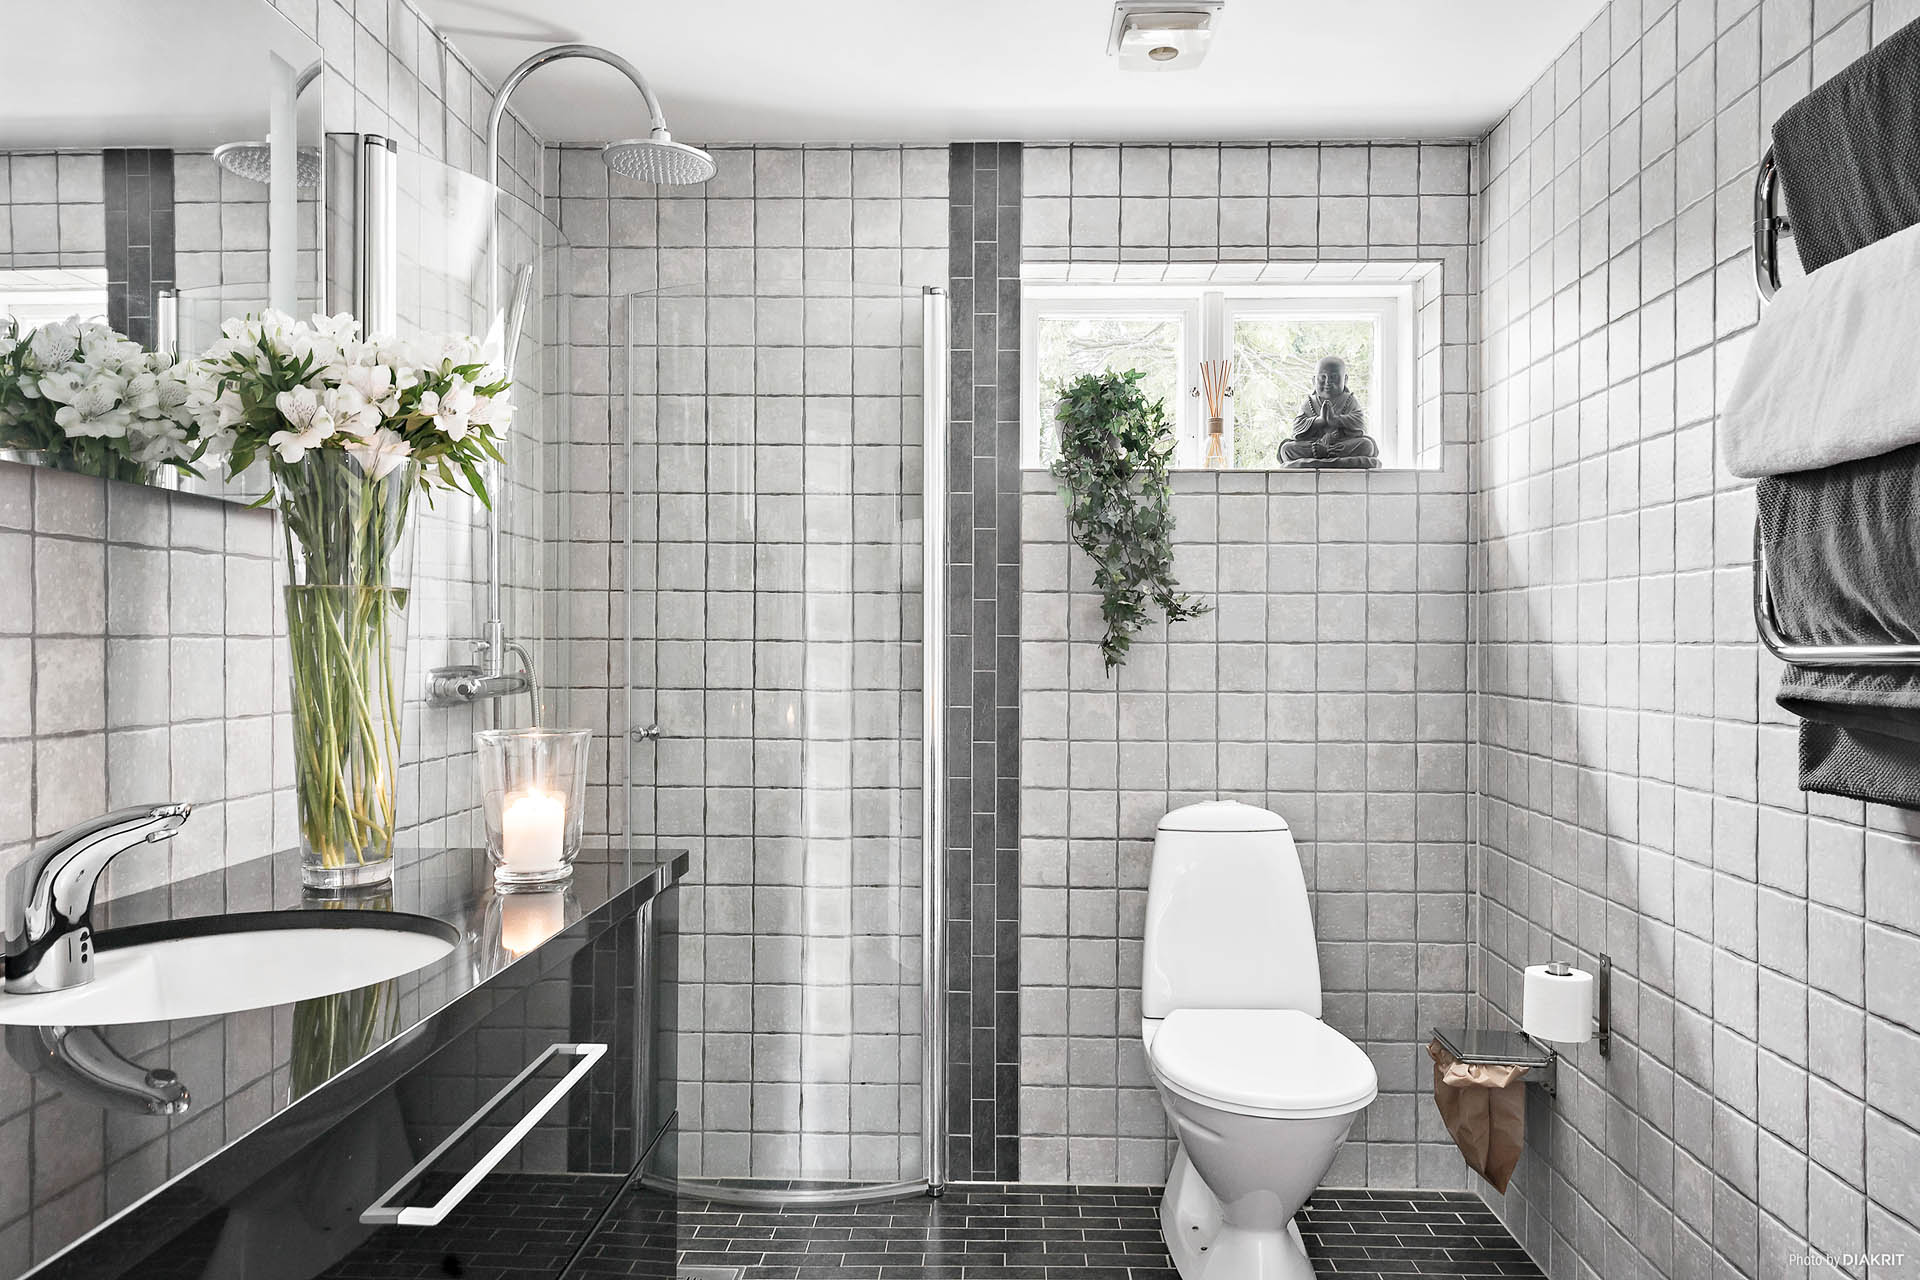 Helkaklat badrum, renoverat av fackmän.